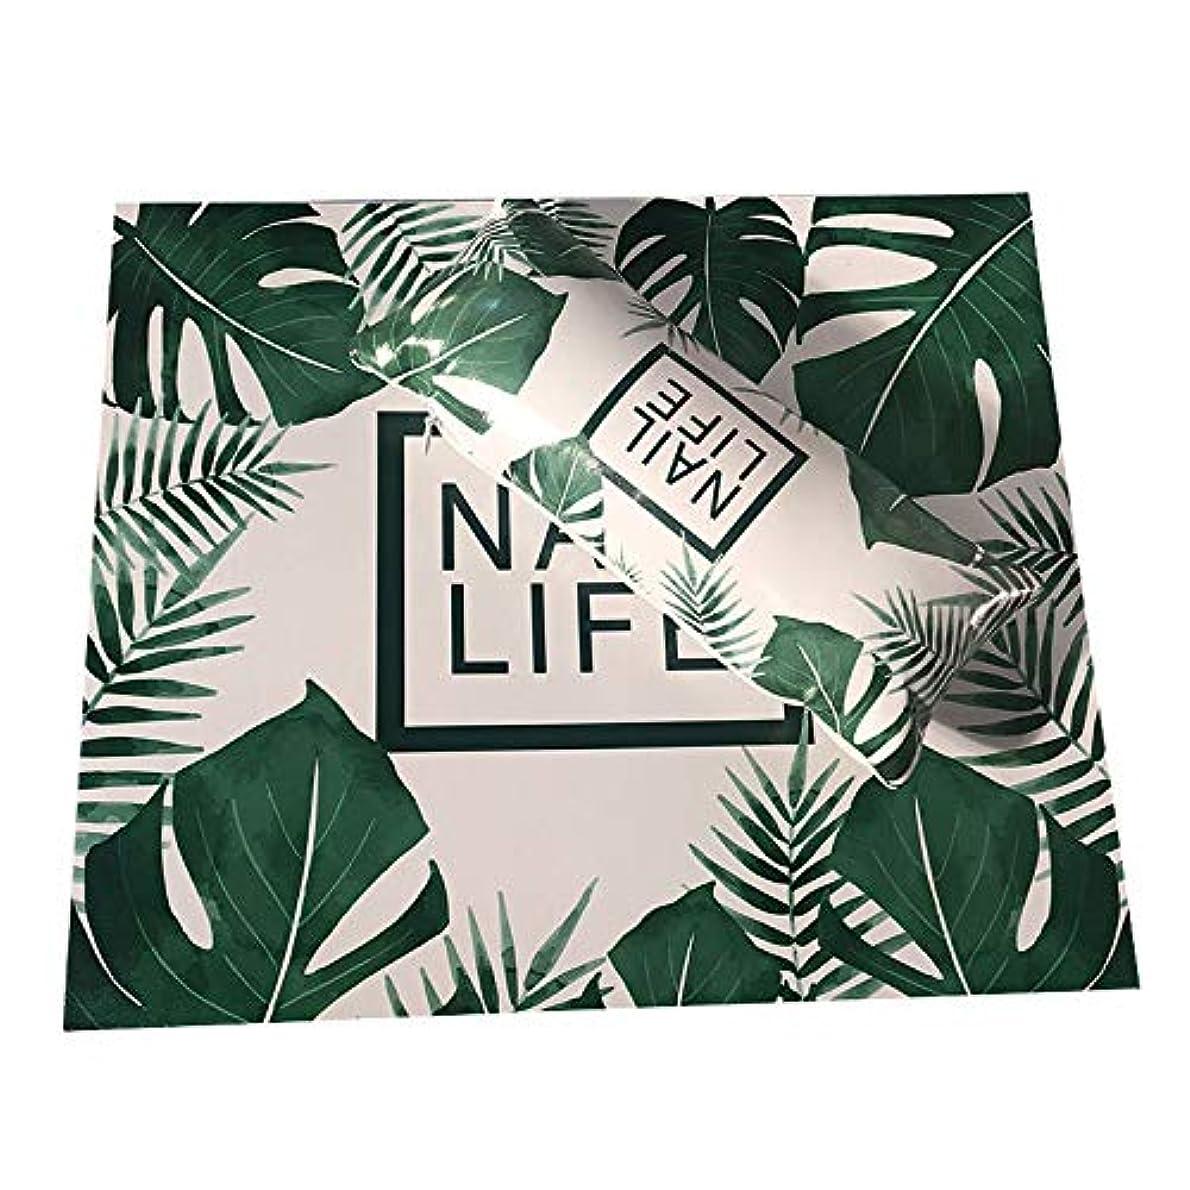 TOOGOO ネイルアート用手枕のクッション、ネイルポリッシュのホルダー、ソフト、Puレザー、スポンジのアームレスト、ストライプのデザイン、サロンのマニキュア(植物#)